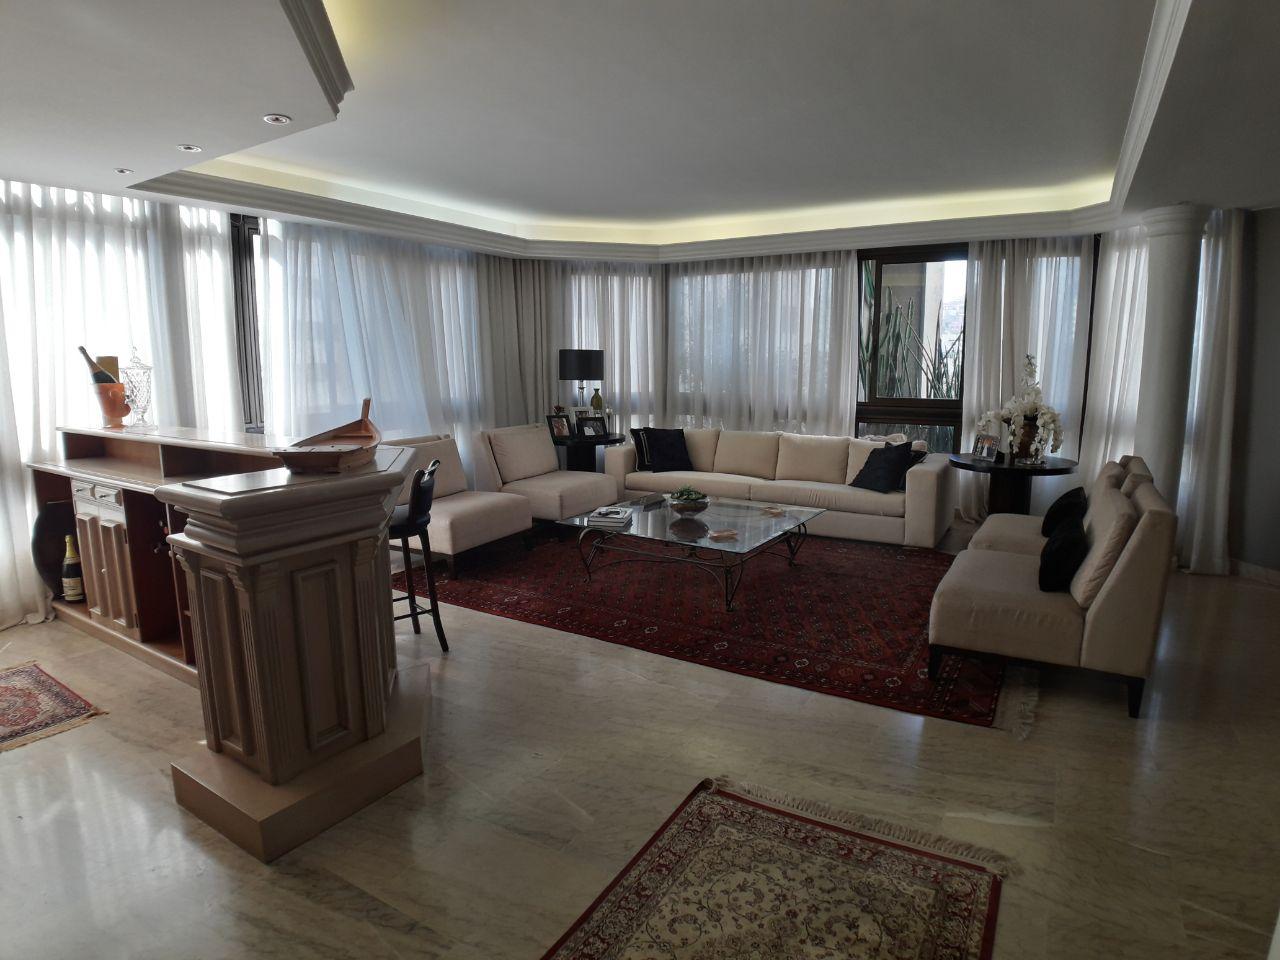 Apartamento para Aluguel com 4 quartos em Serra, Belo Horizonte - COD: 812